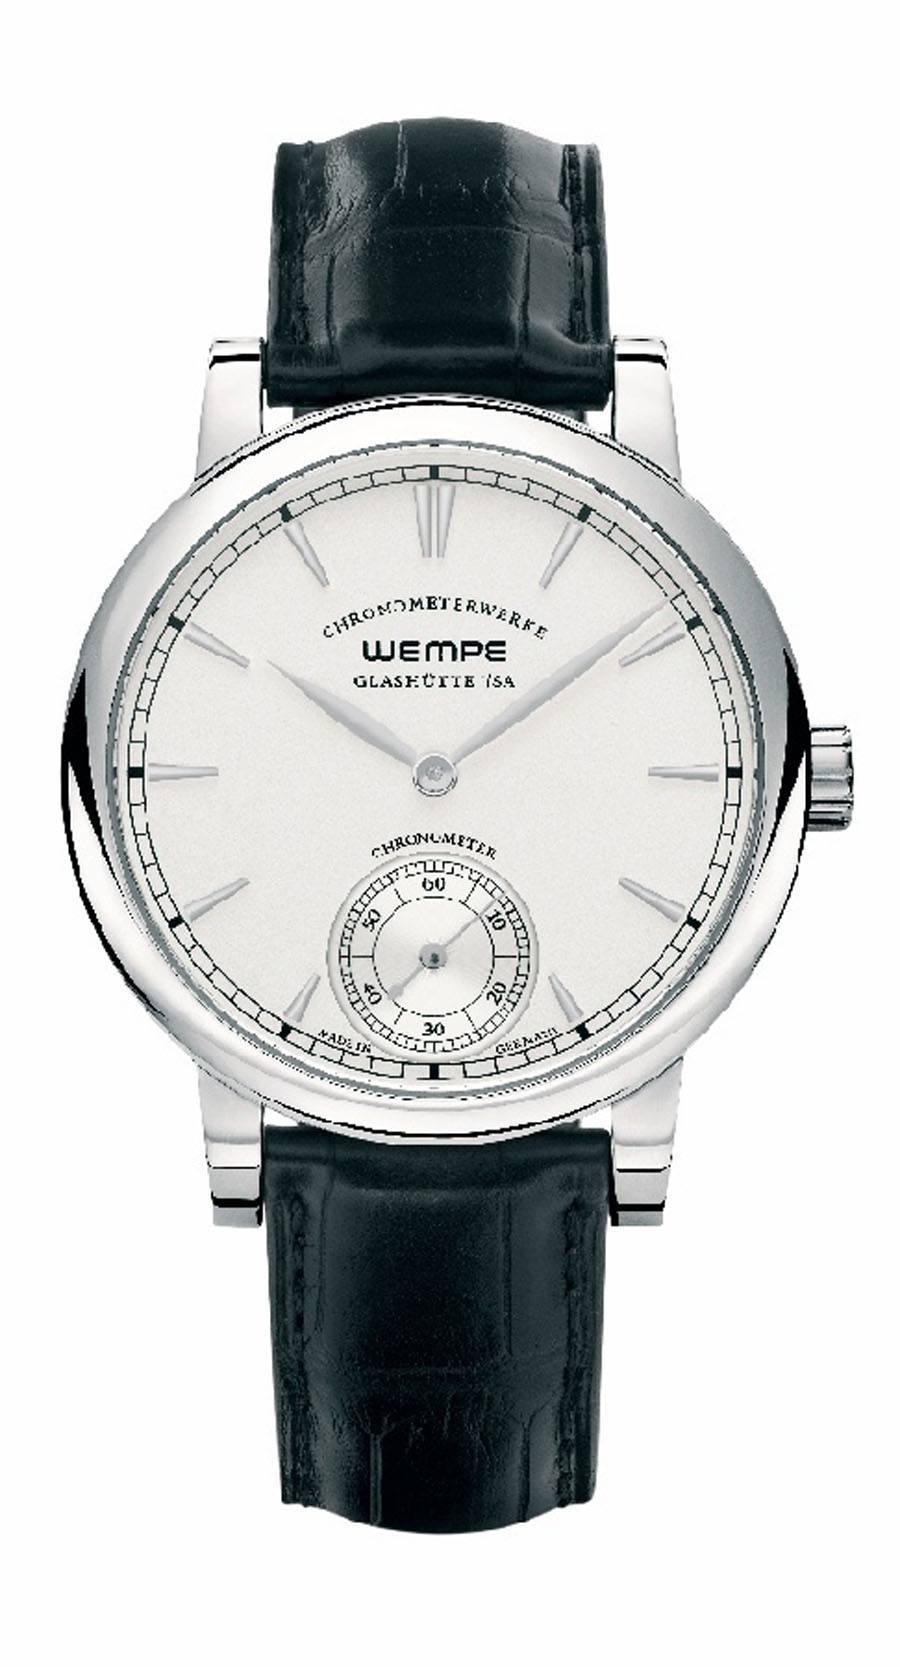 Wempe Glashütte: Chronometerwerke Kleine Sekunde